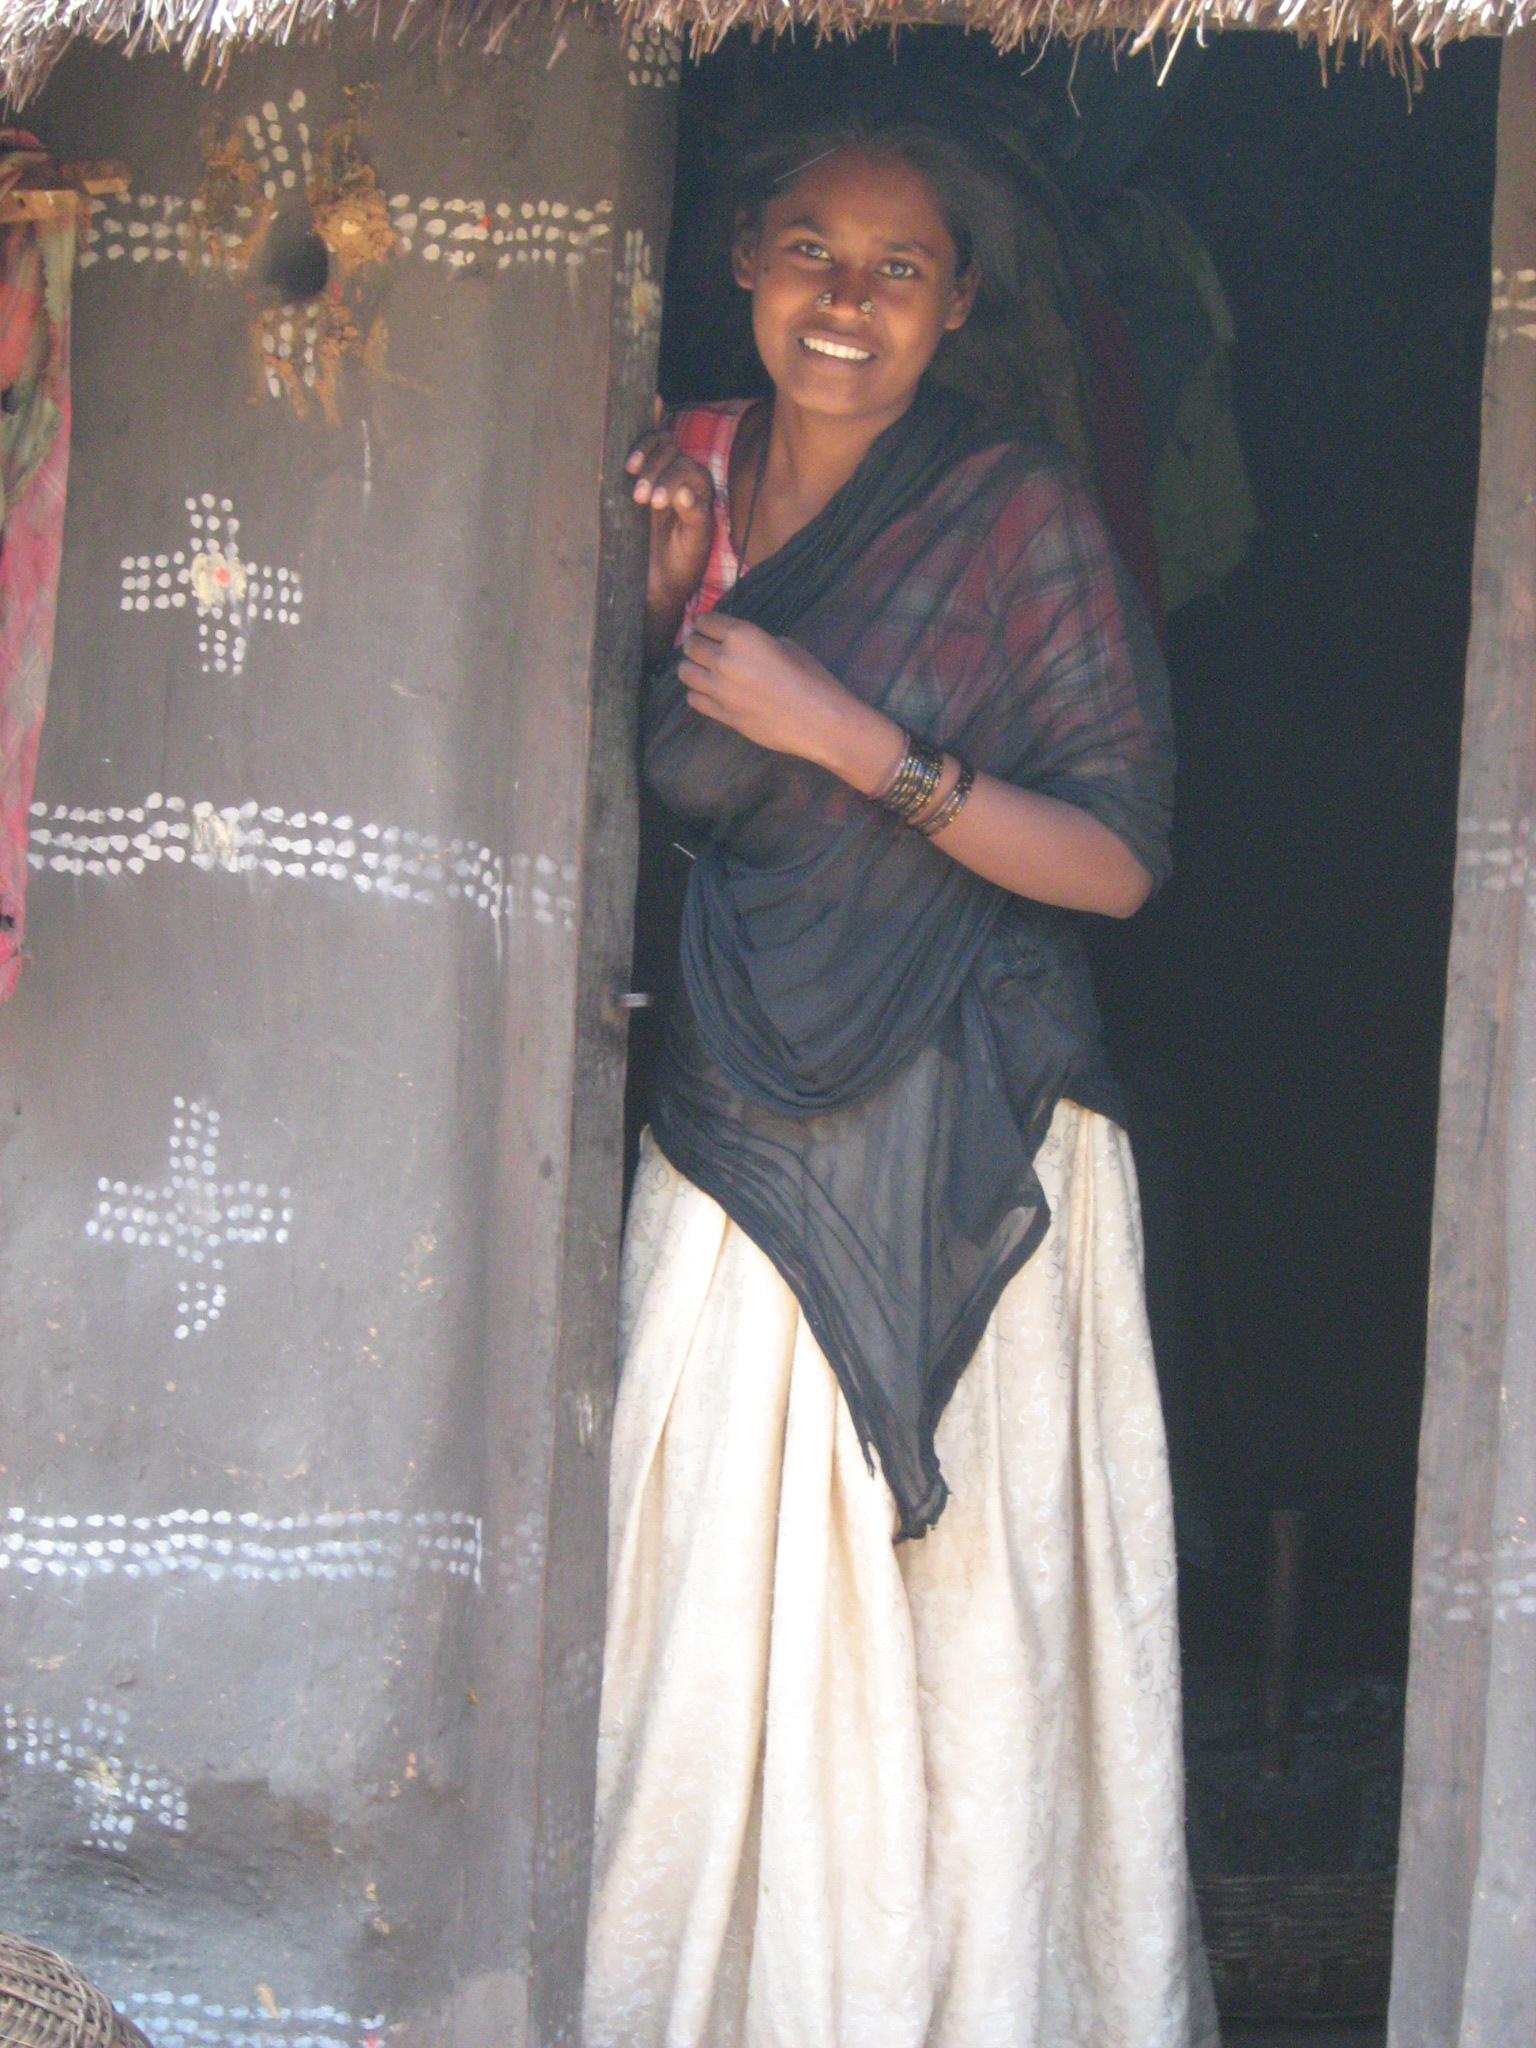 Tamil girls hidden pics